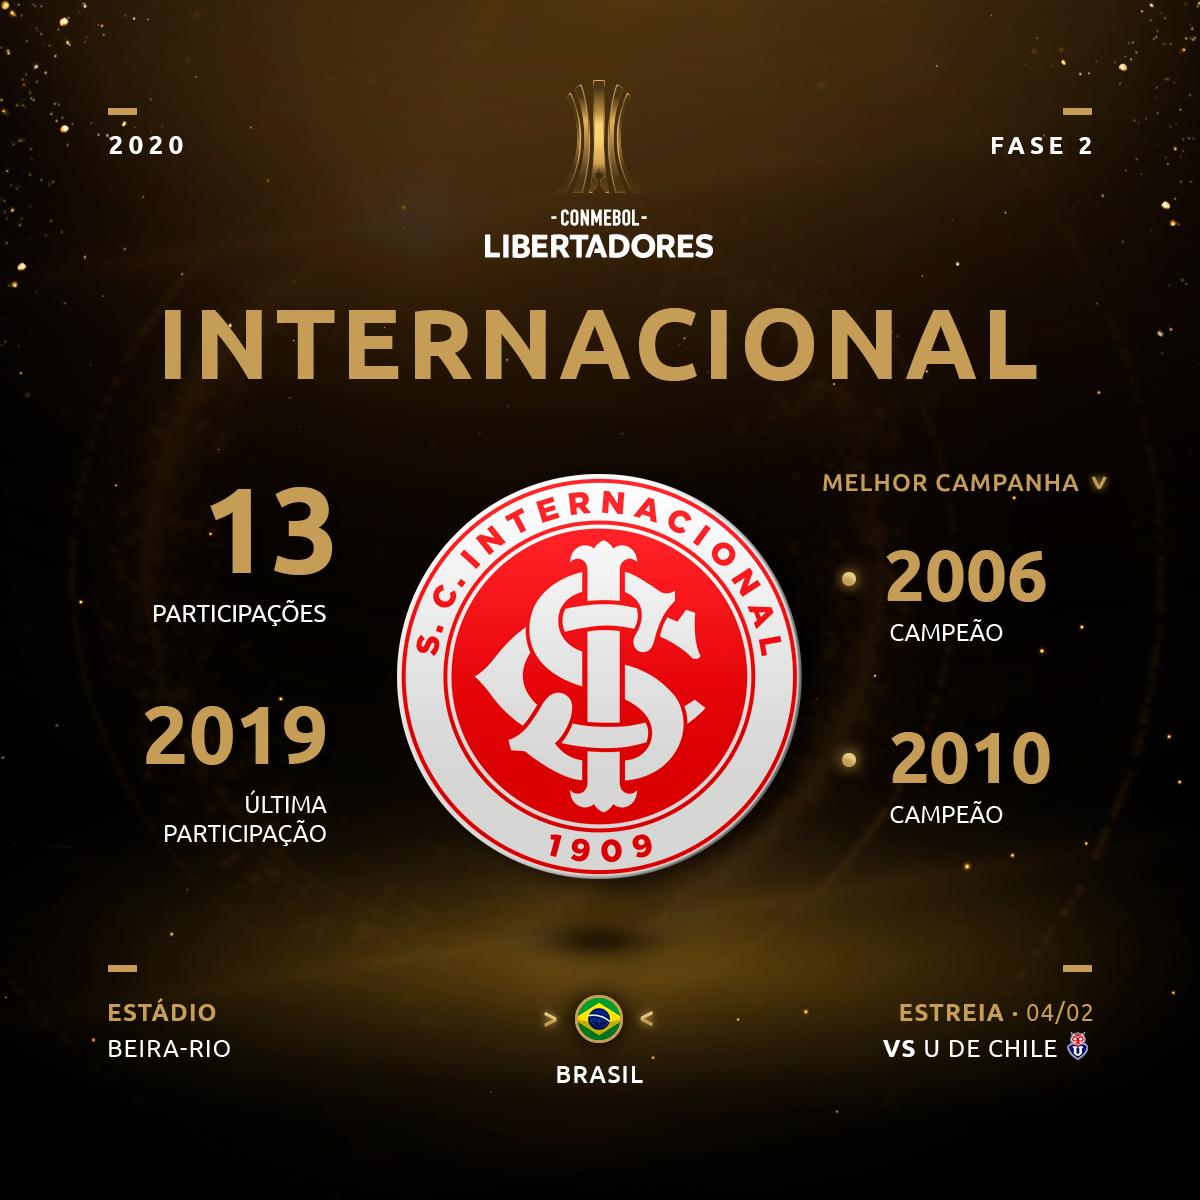 Inter - Libertadores 2020